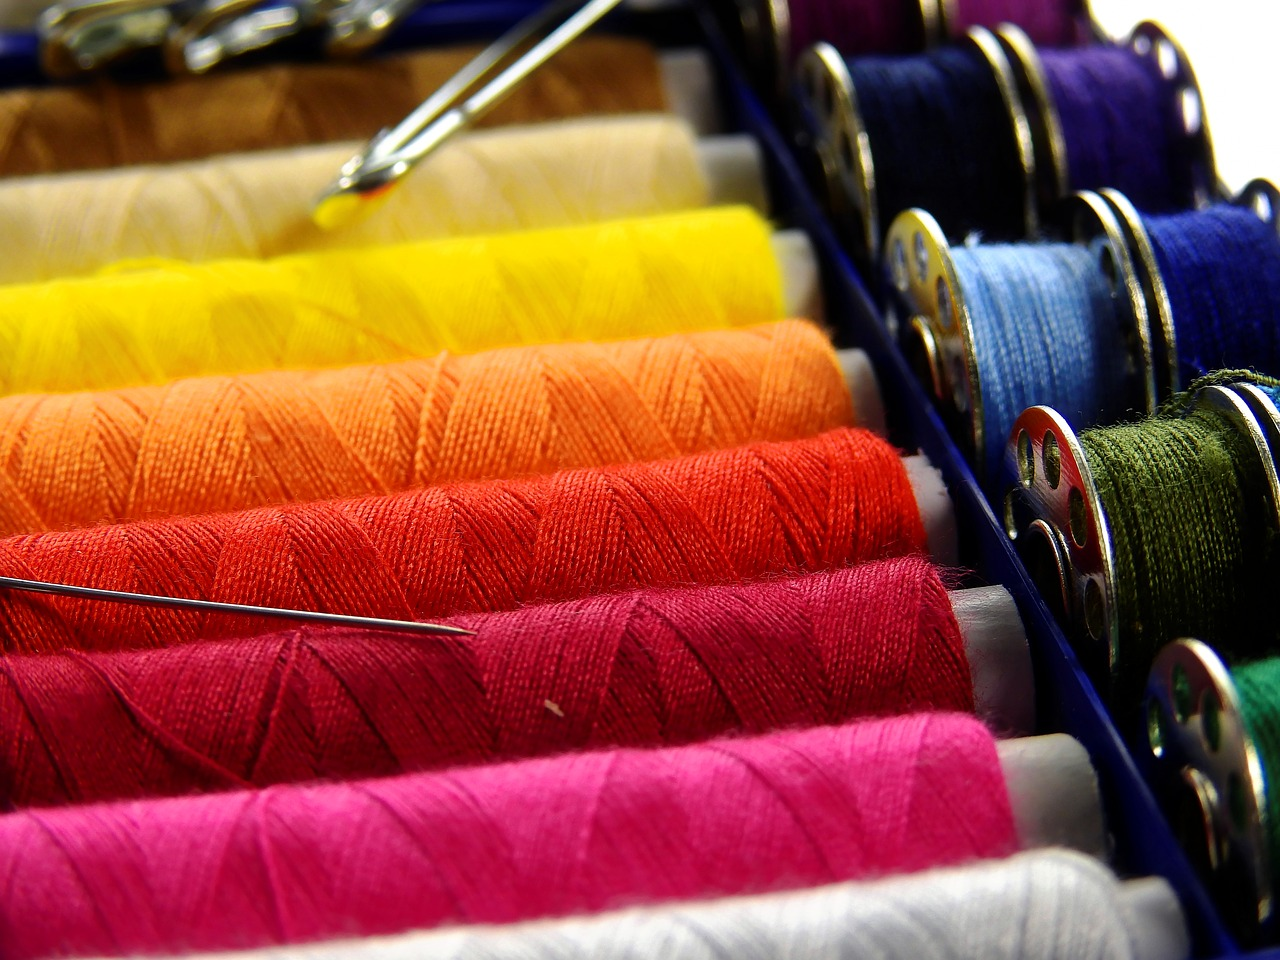 Fashion Threads free image Pixabay